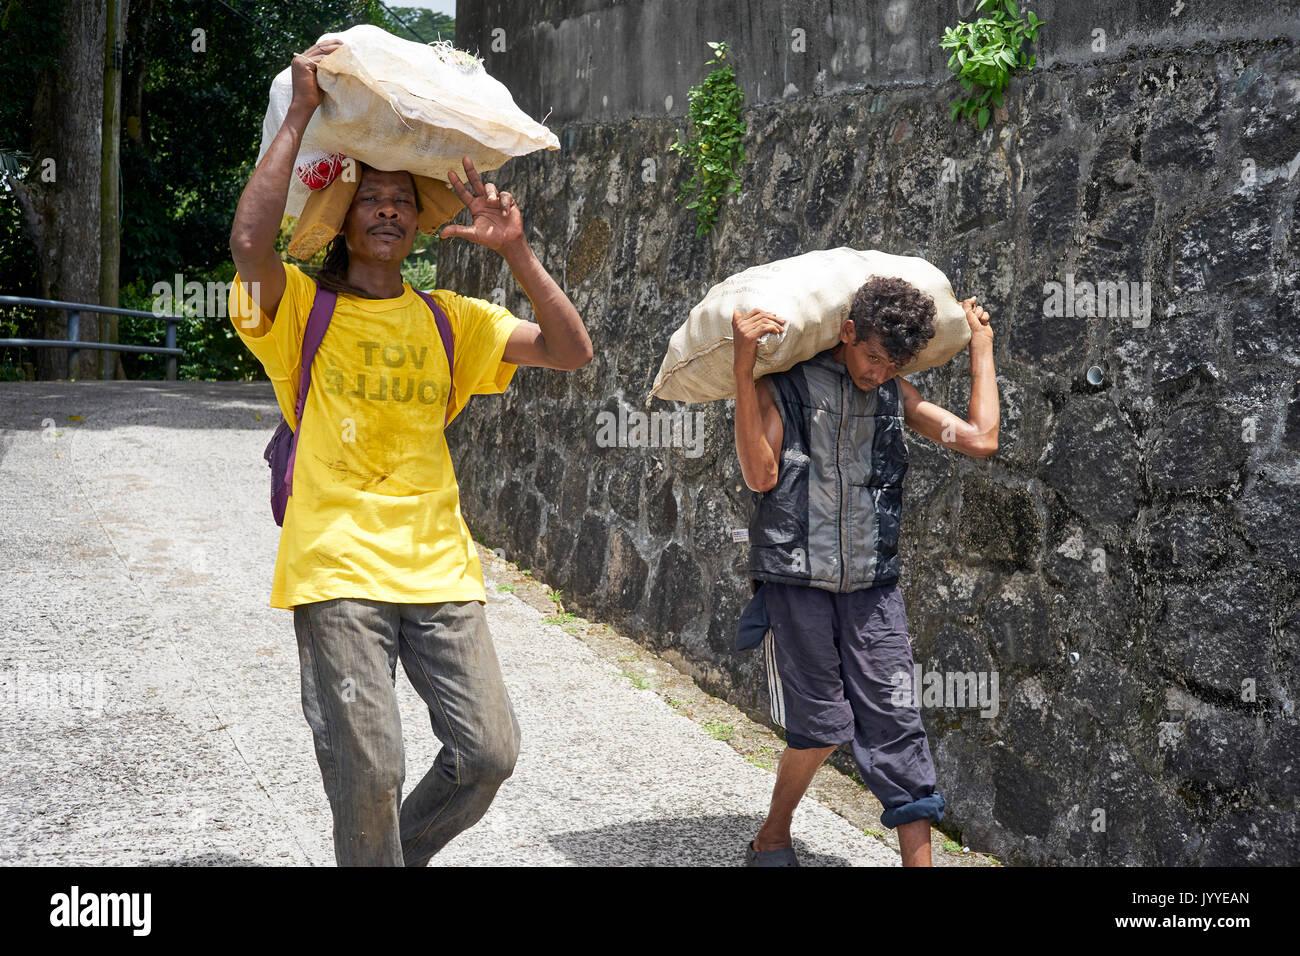 Tragen Auf Stockfoto Männer Taschen Dem Schwere Kopf Zwei q3j4ALR5